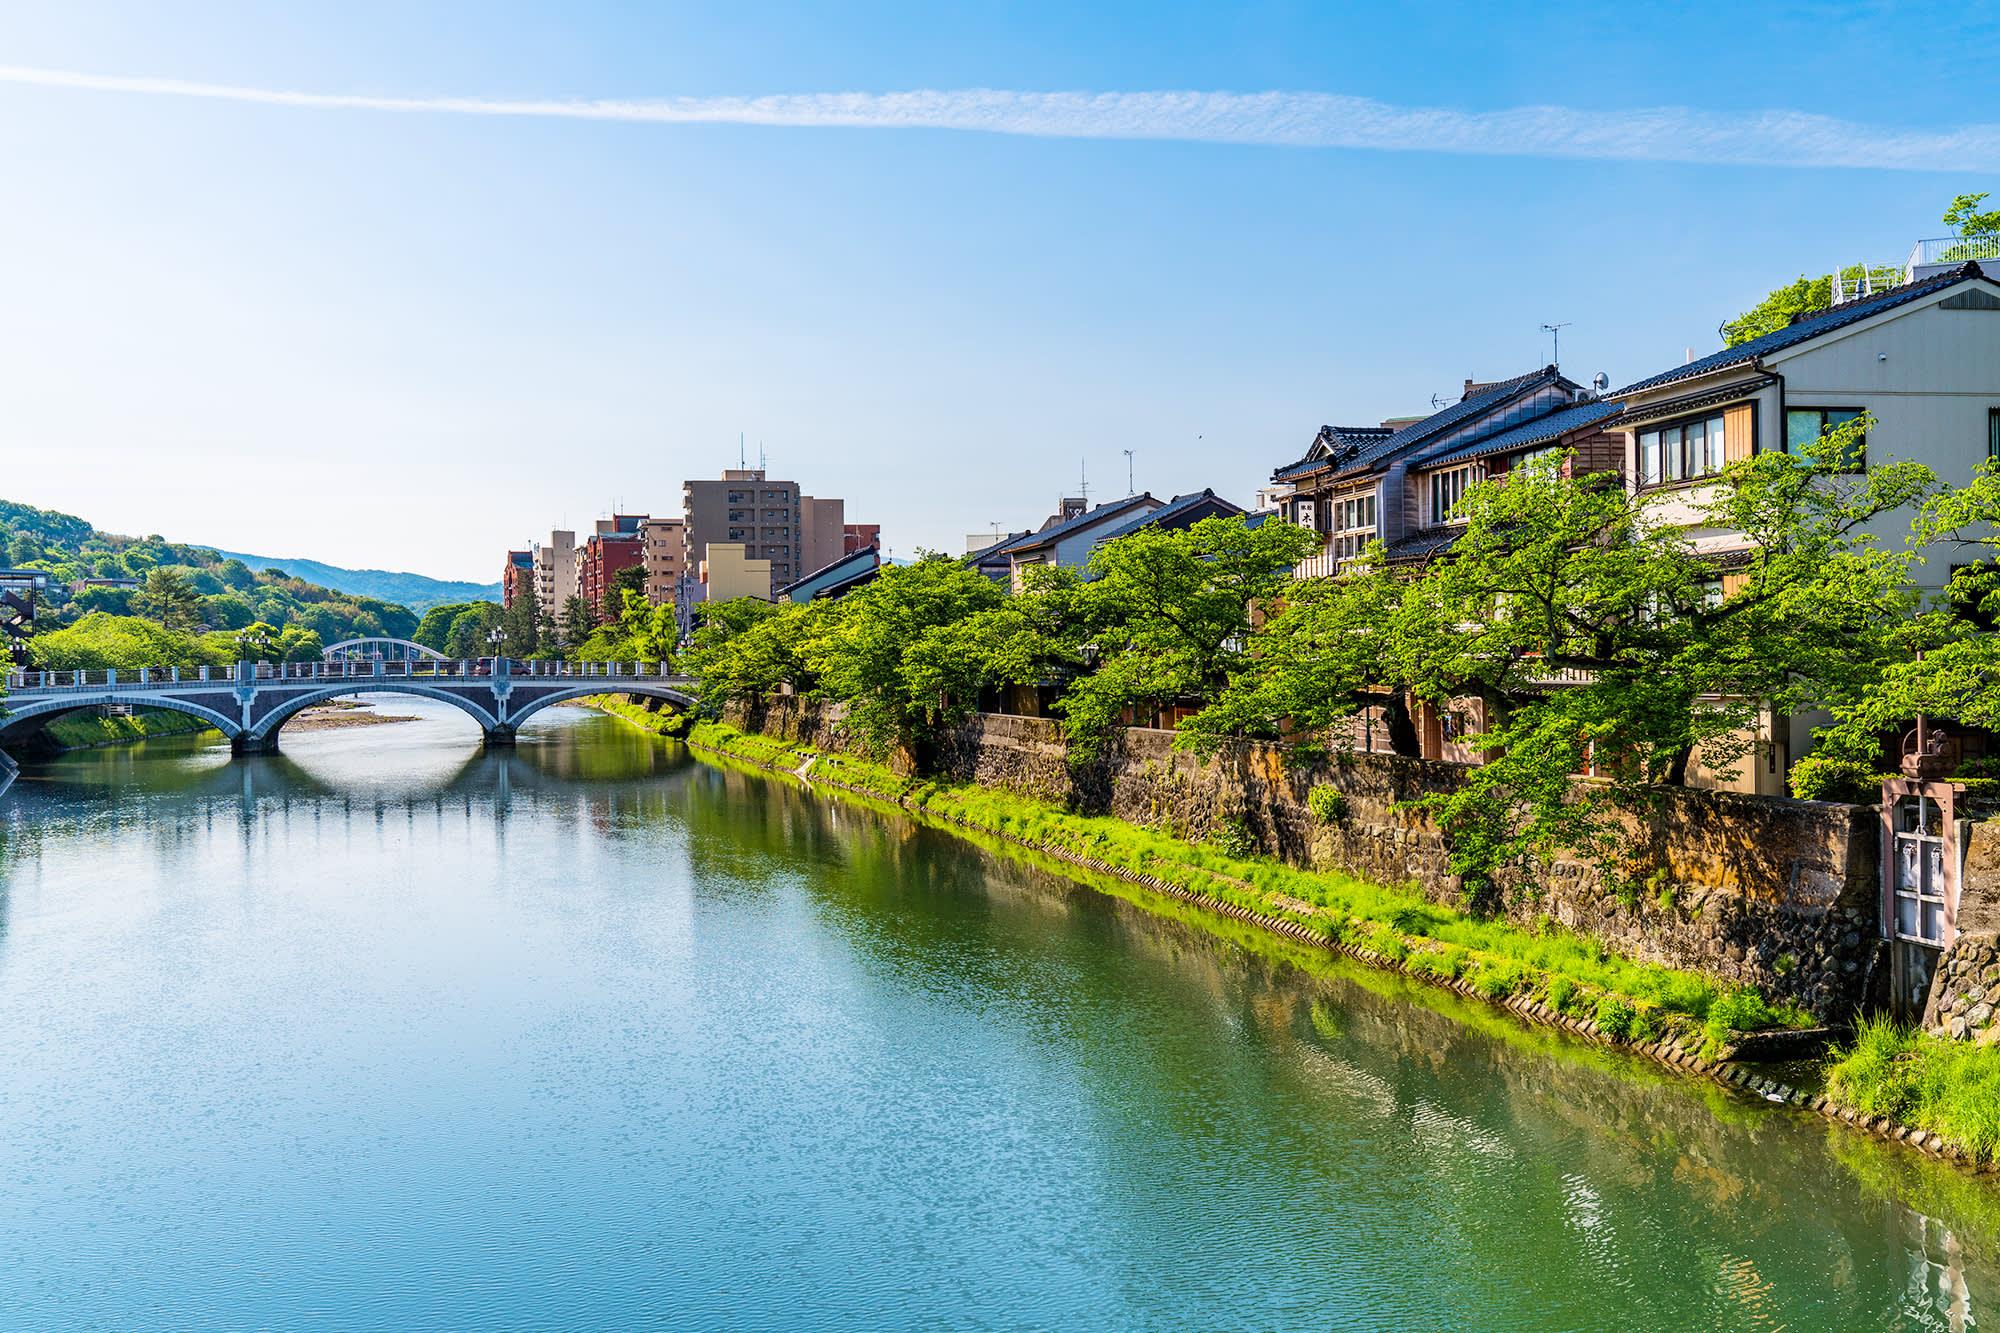 Potret Indah Pantulan Sungai di Kazuemachi